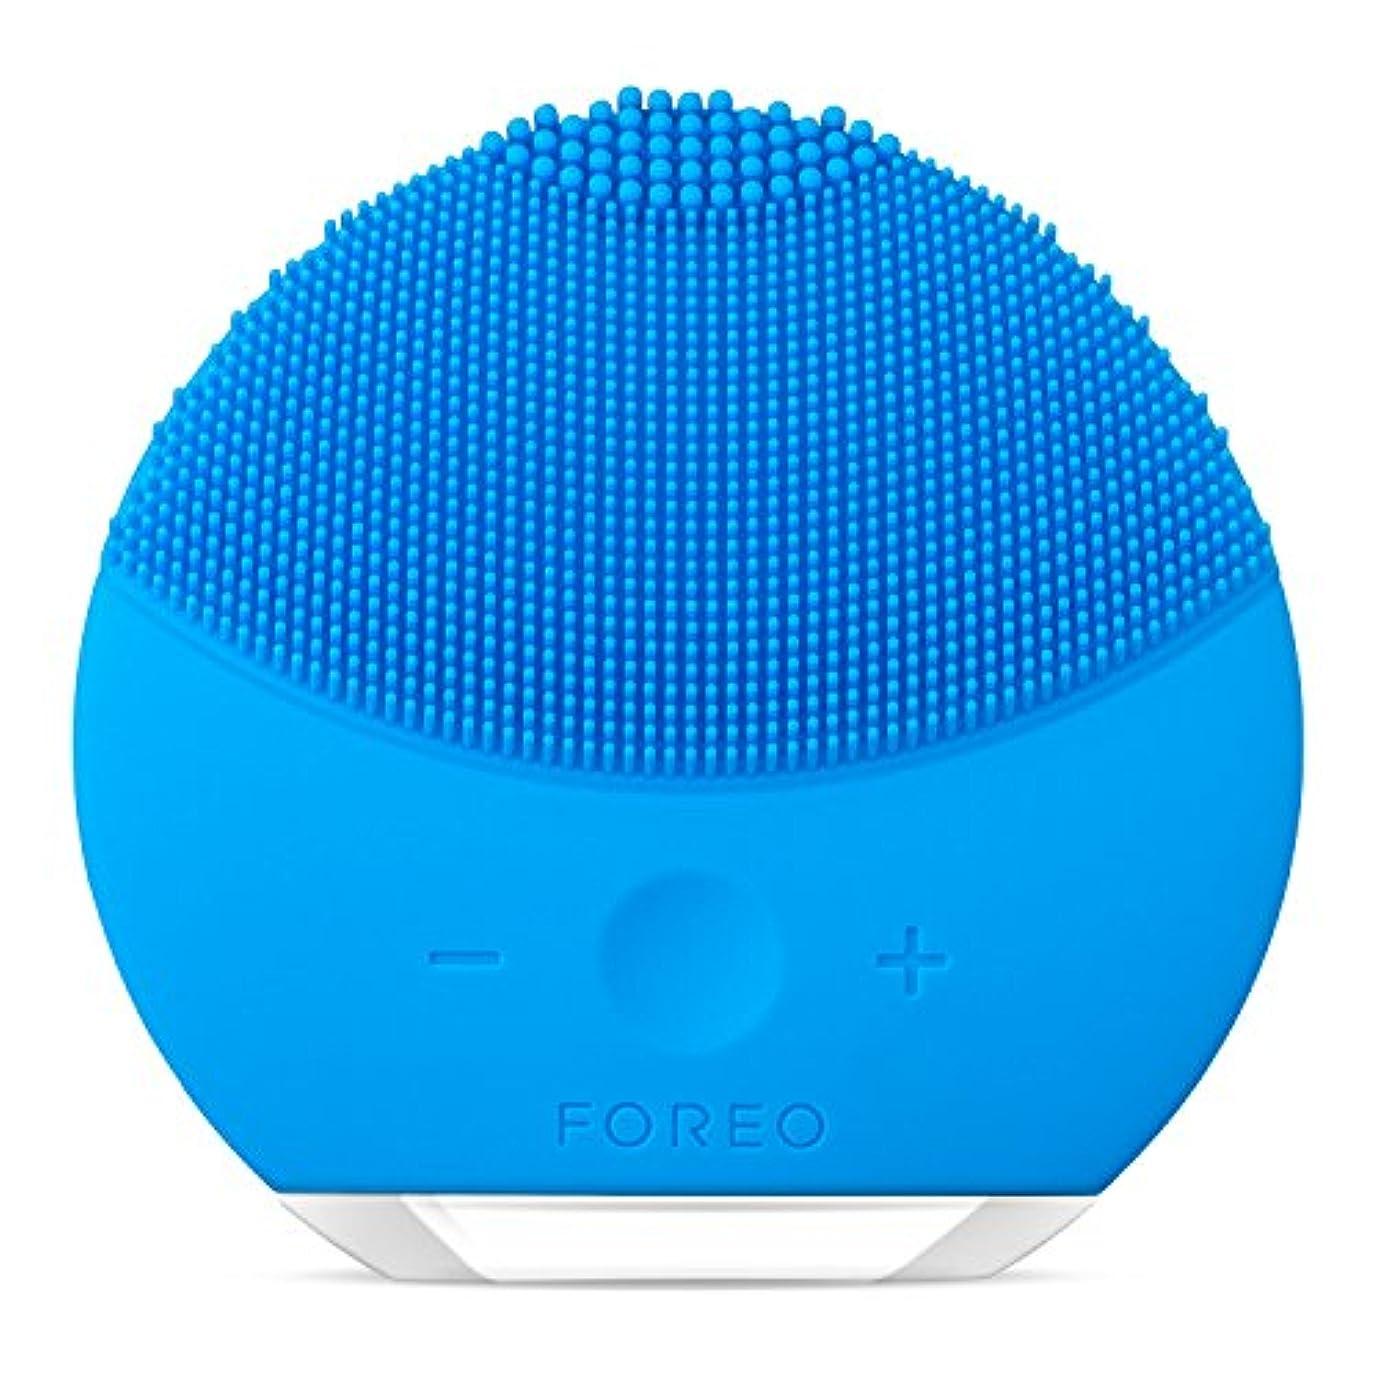 文句を言う論文クロニクルFOREO LUNA mini 2 アクアマリン 電動洗顔ブラシ シリコーン製 音波振動